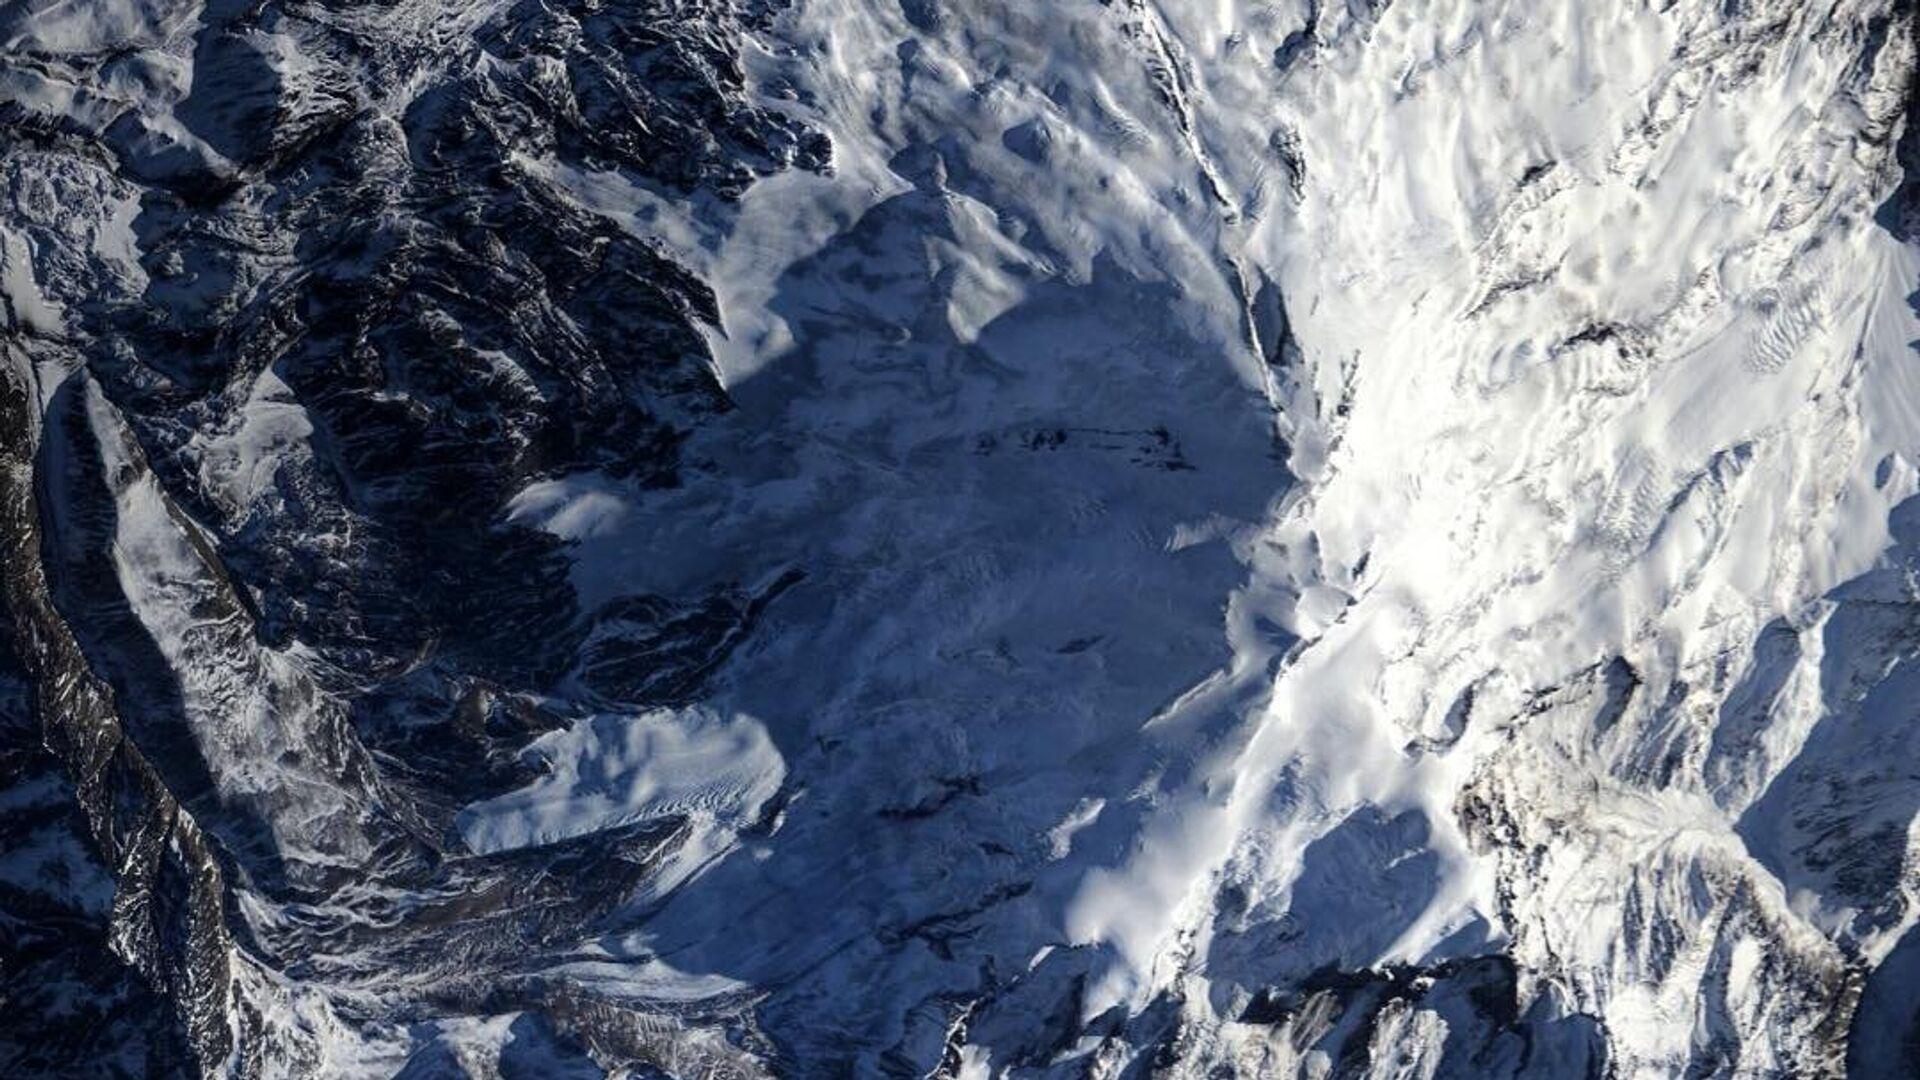 СК начал проверку после гибели трех альпинистов на Эльбрусе